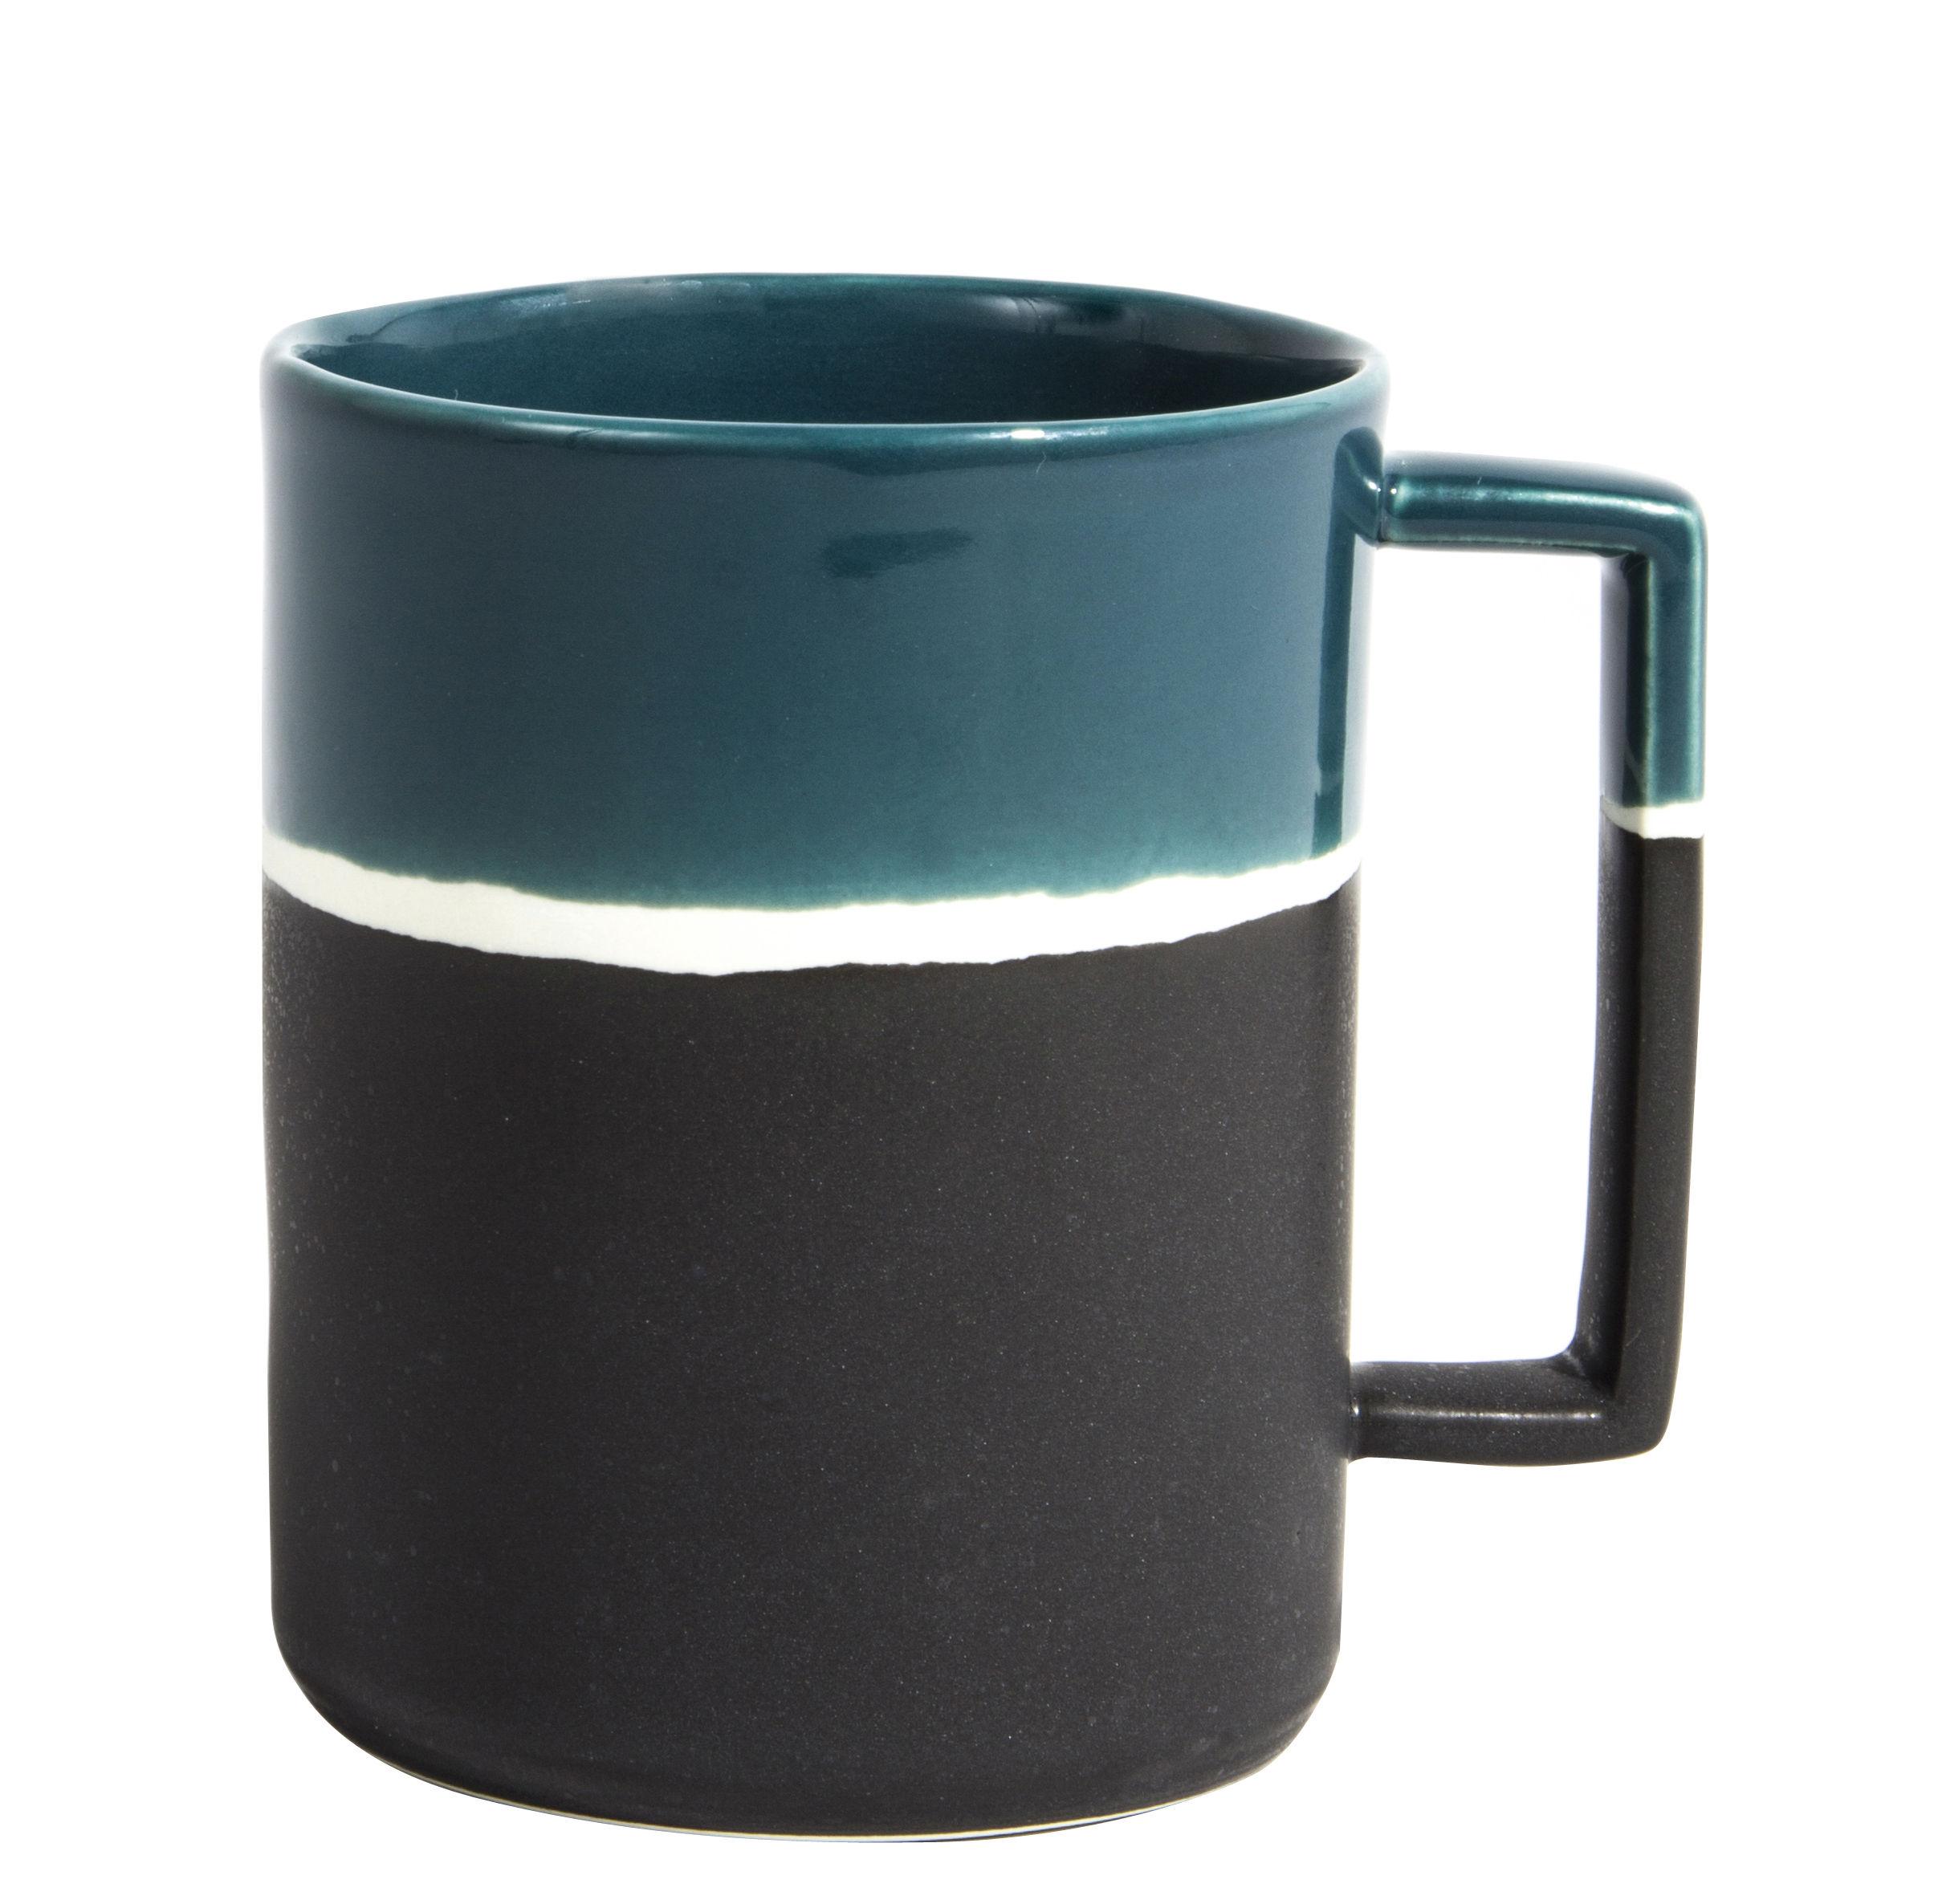 Arts de la table - Tasses et mugs - Mug Sicilia - Maison Sarah Lavoine - Bleu Sarah - Grès peint et émaillé